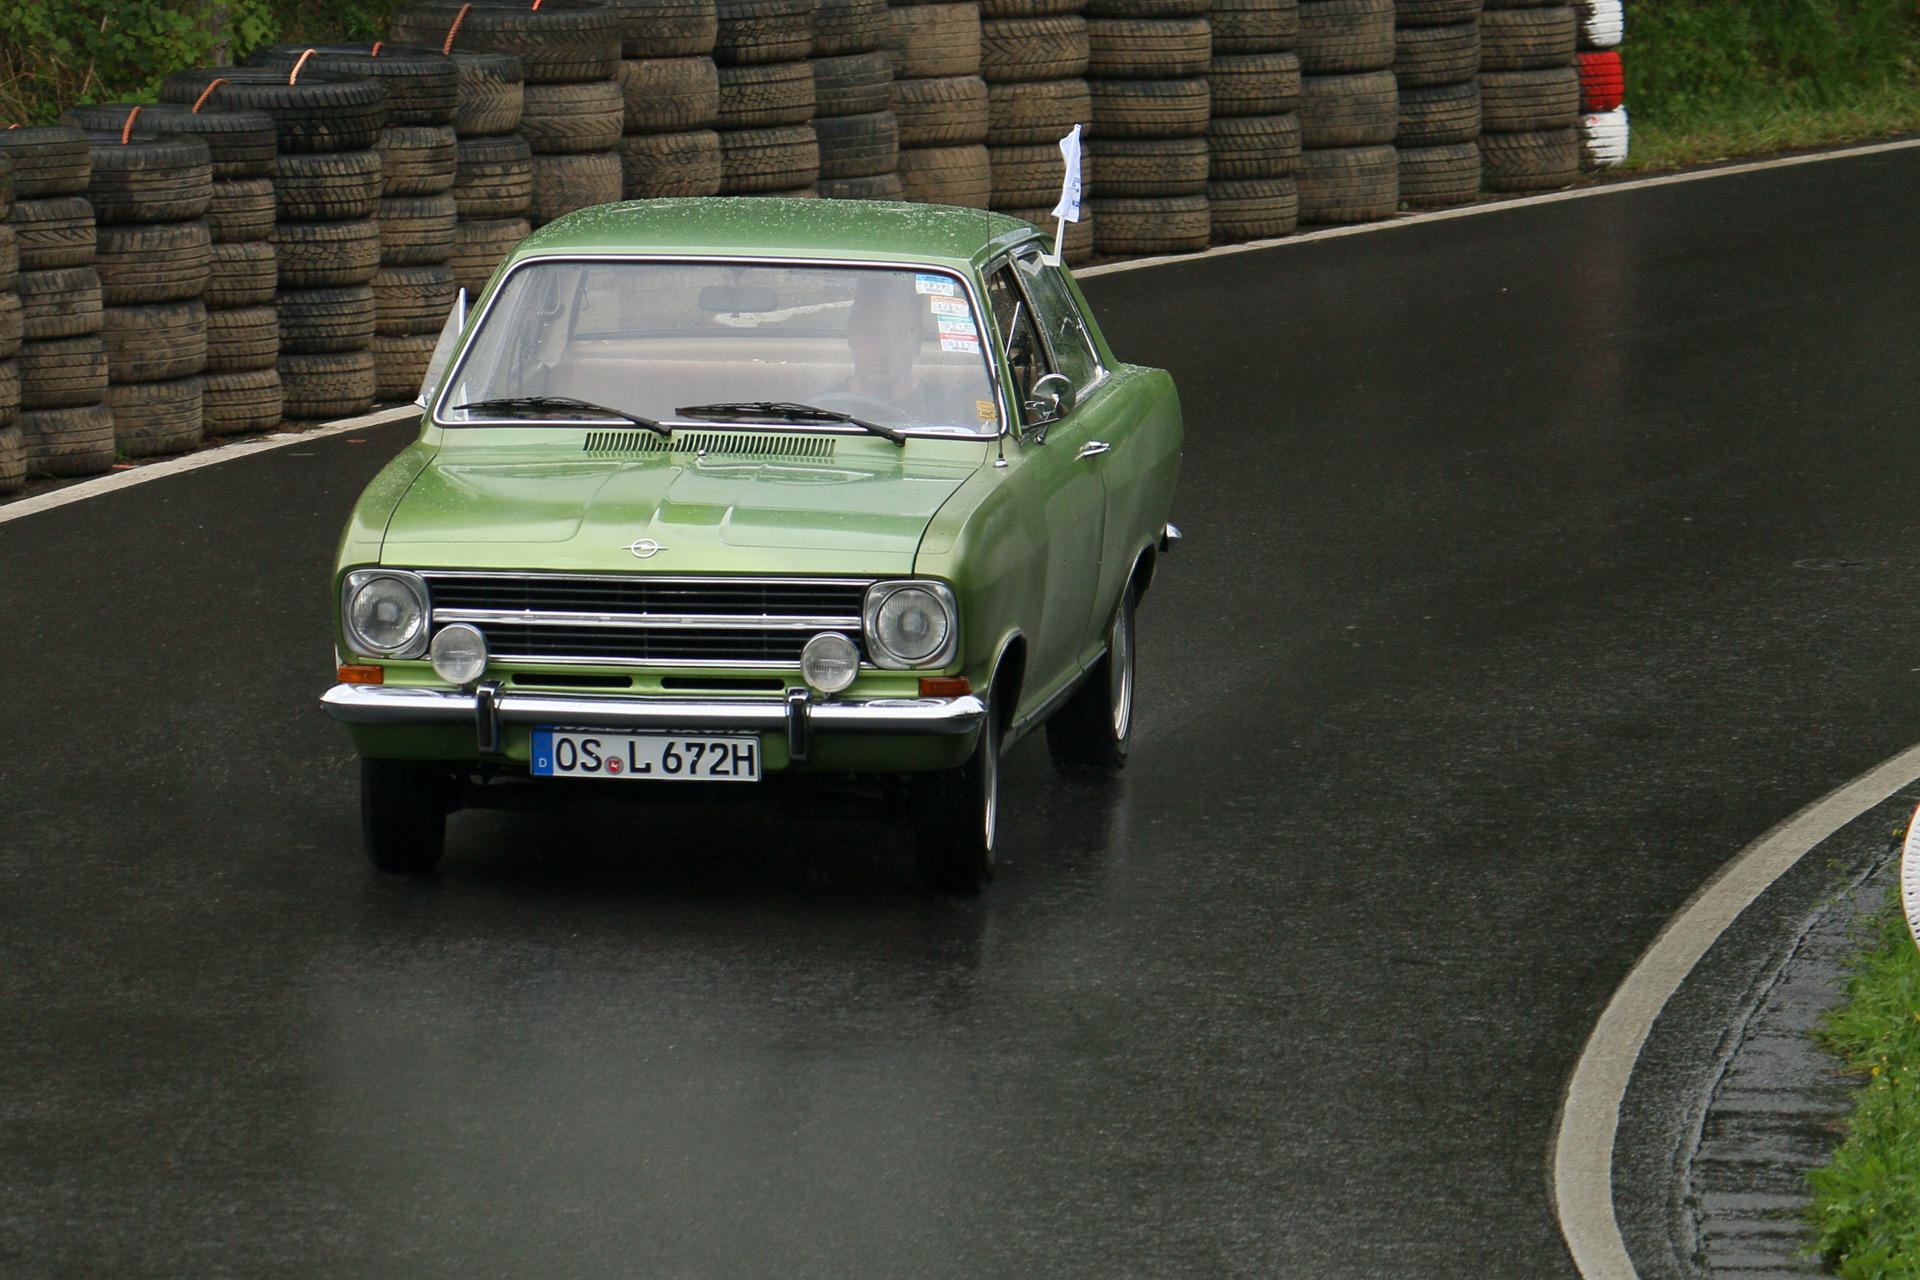 Der Kadett B wurde im September 1965 als Nachfolger des Kadett A vorgestellt. Wie der Vorgänger hatte er einen längs eingebauten Frontmotor und Hinterradantrieb.